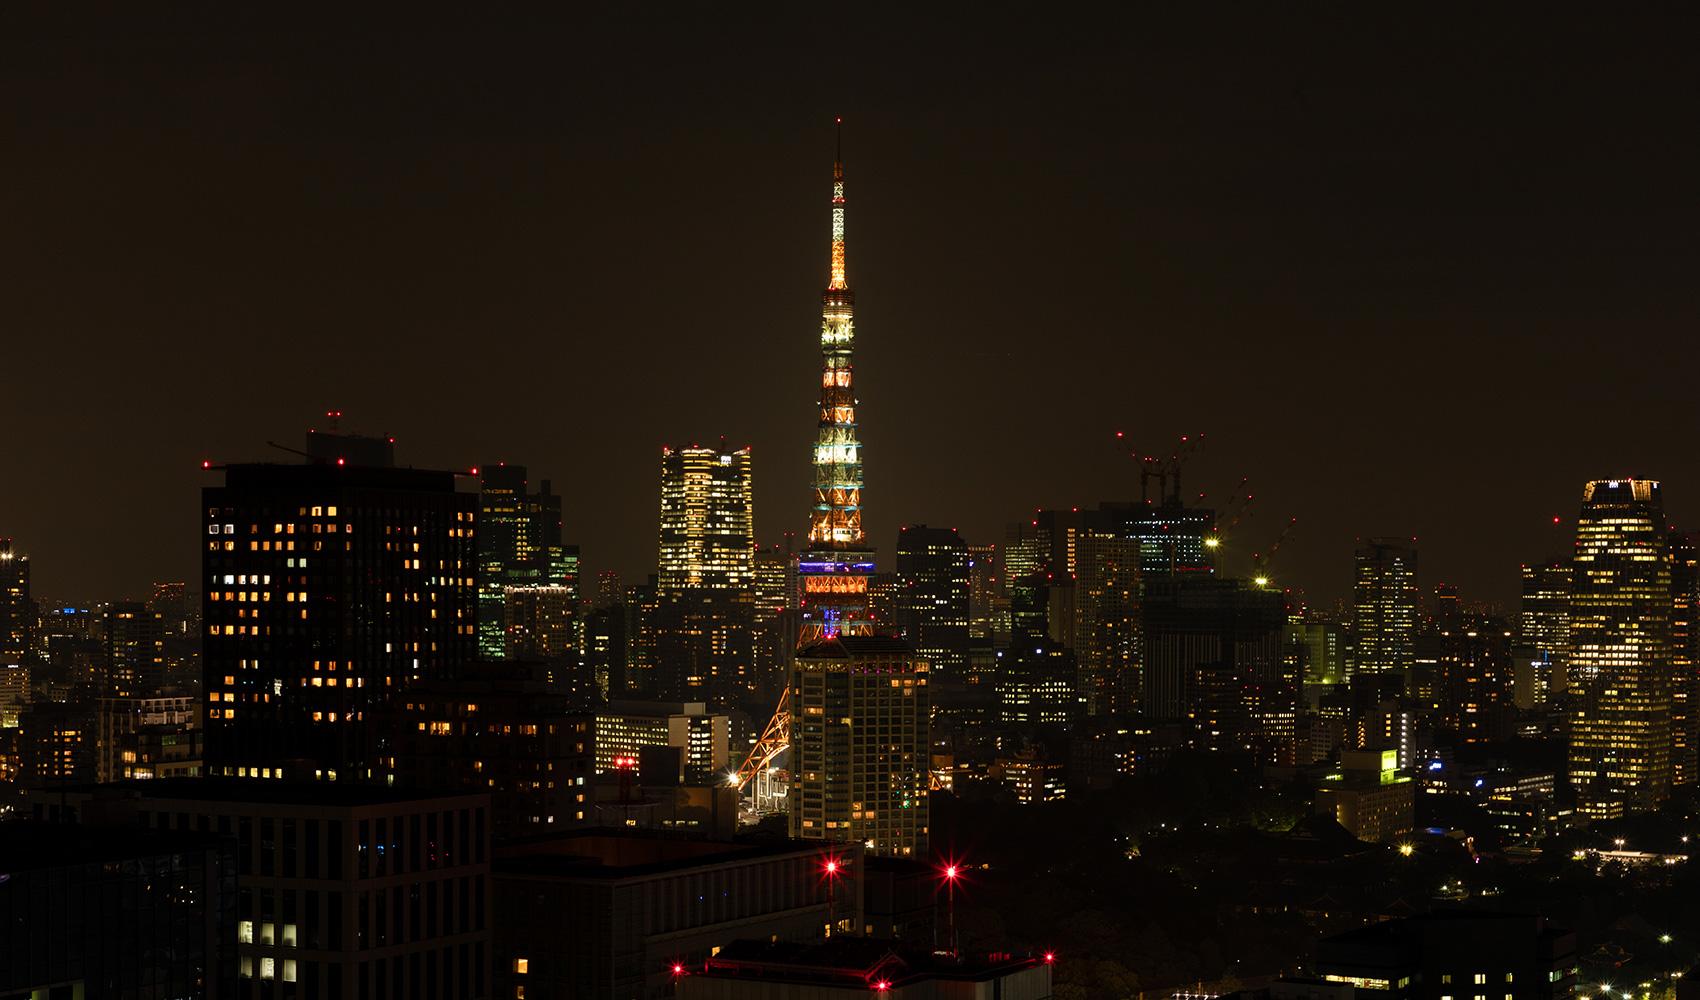 カテリーナ三田 タワースイート ノースサイドビュー夜景